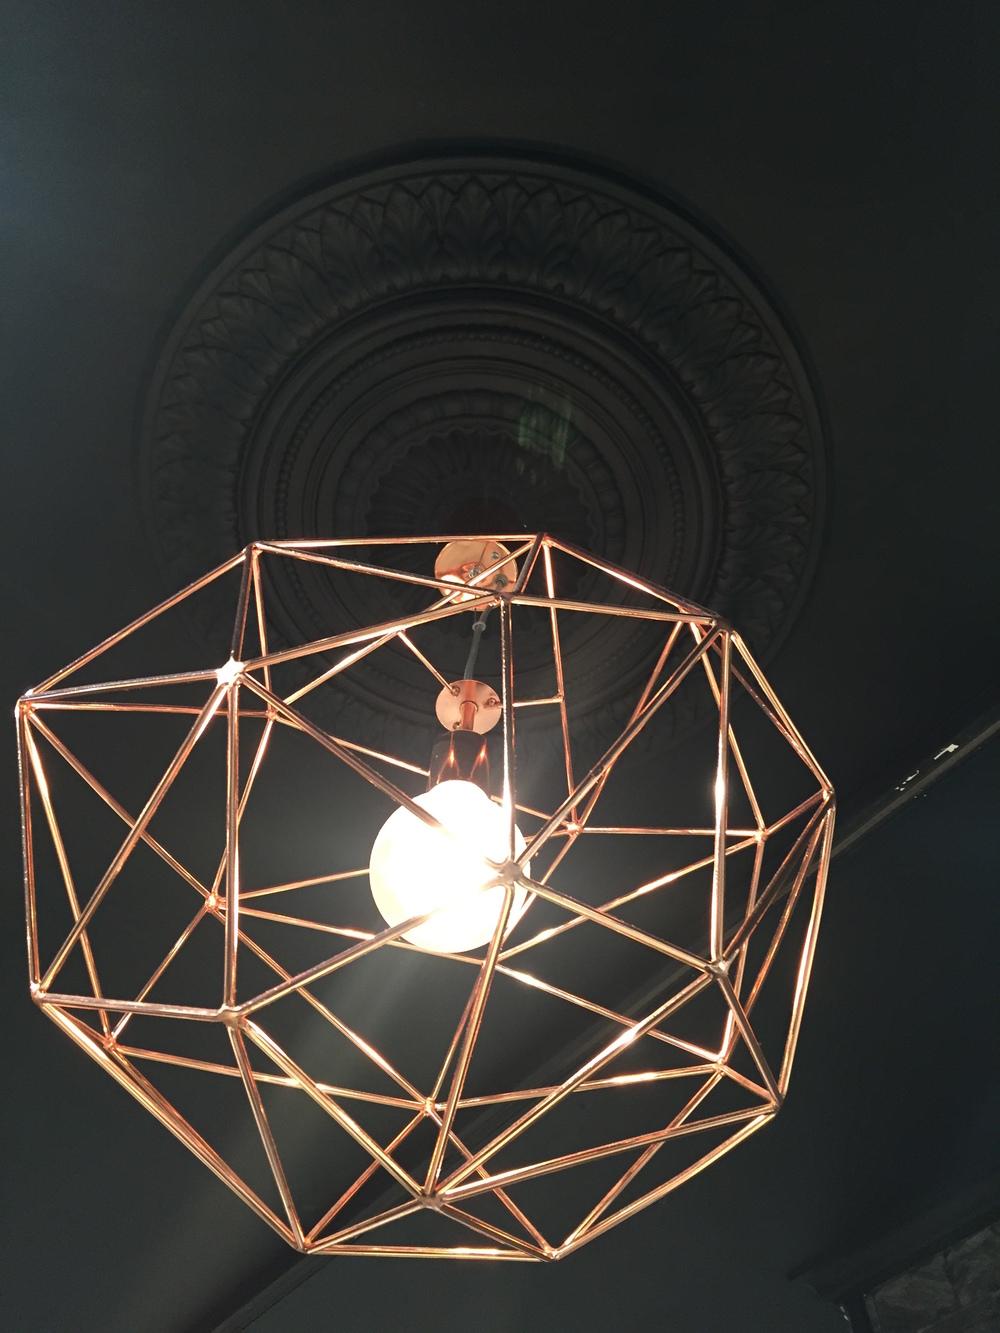 Elsker denne detaljen i taket hos B.Y.E, kontrasten mellom gammelt og nytt